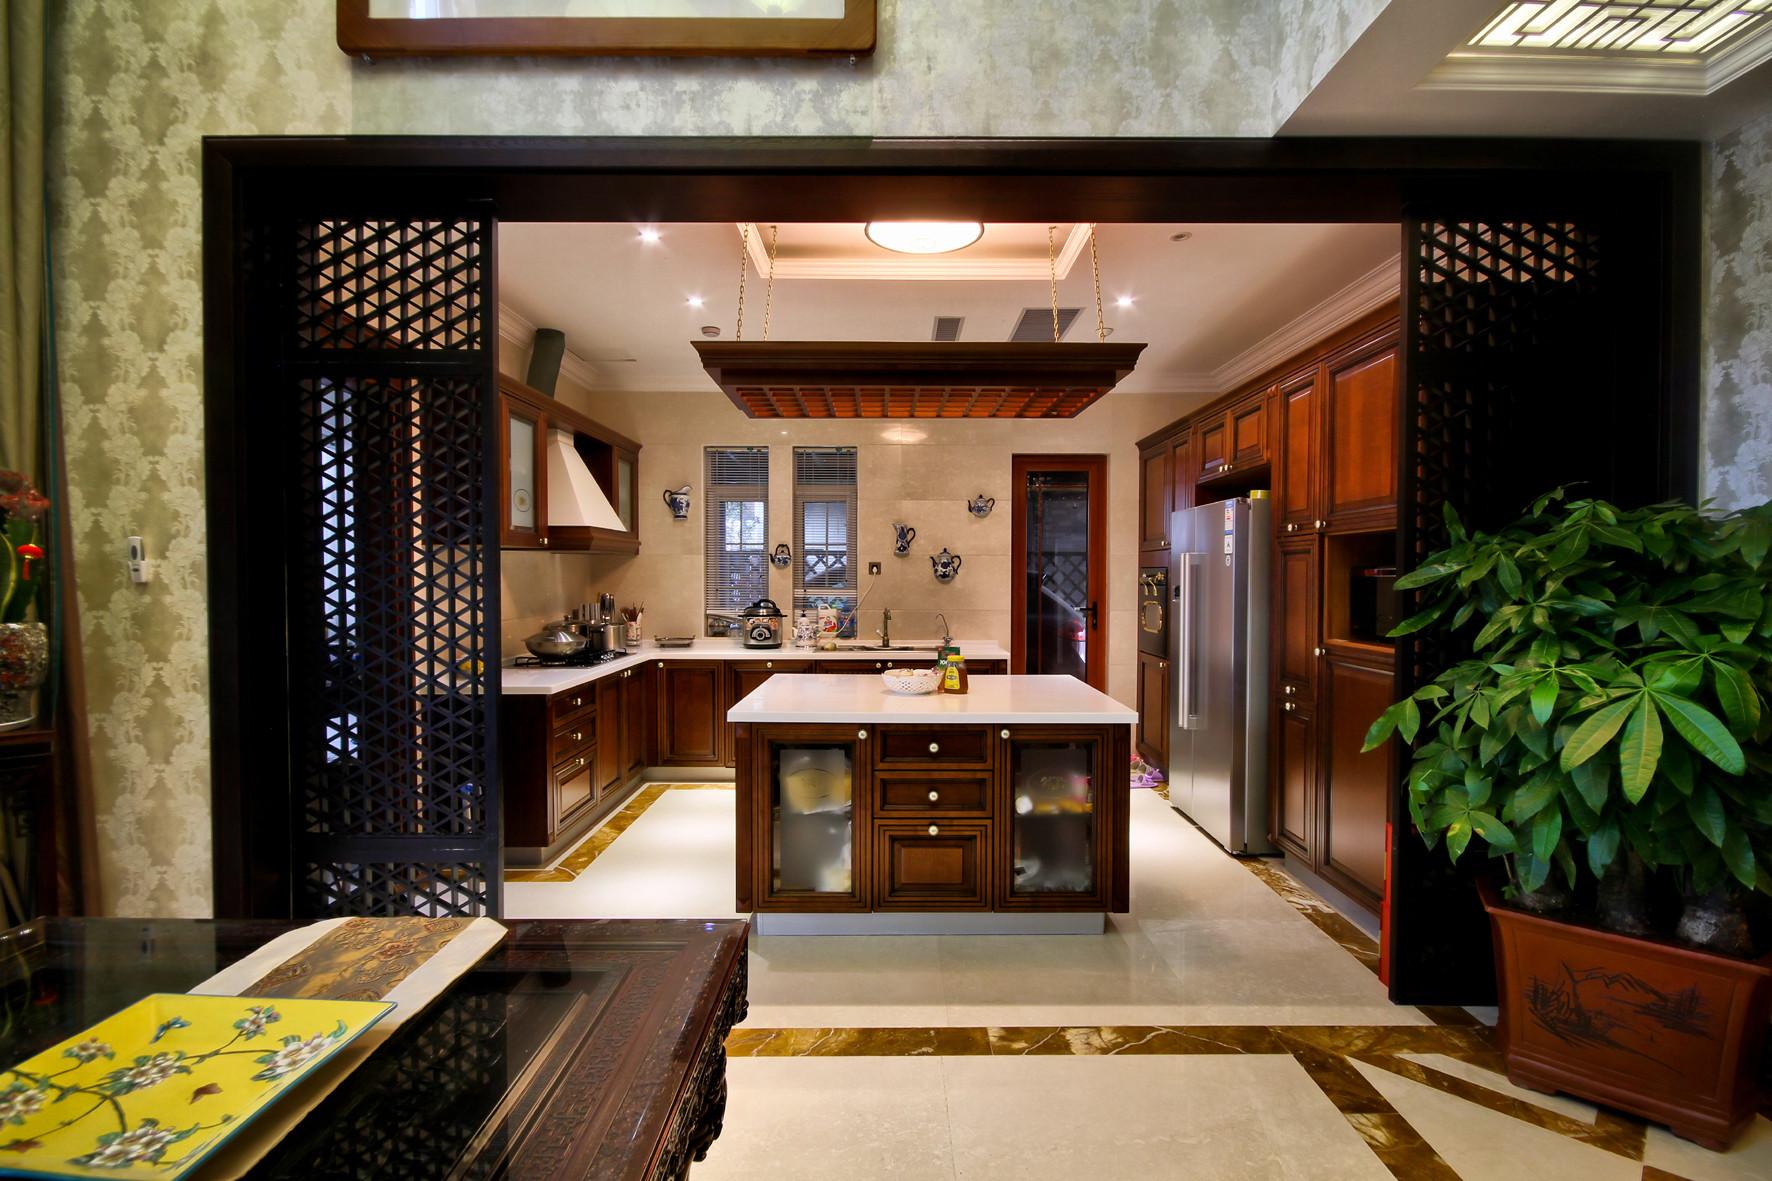 大户型古典中式装修厨房搭配图